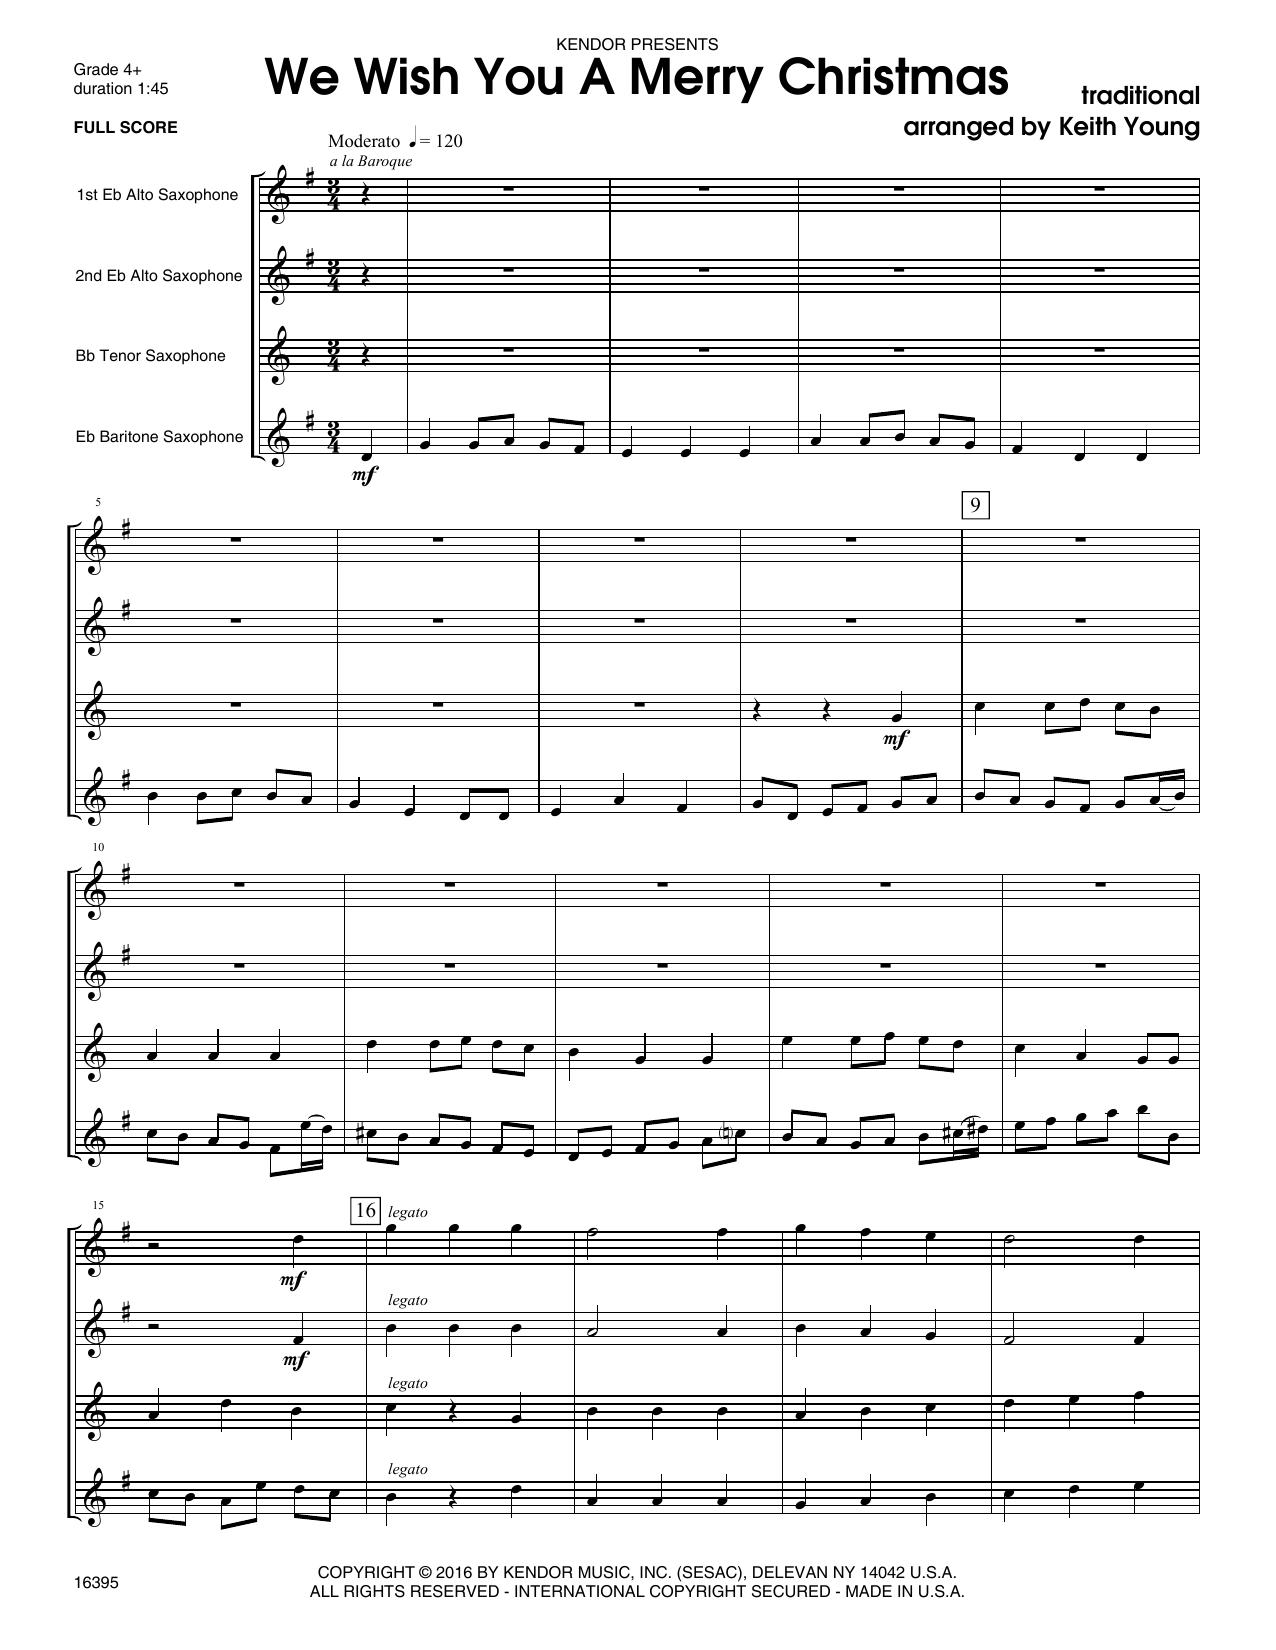 We Wish You A Merry Christmas - Full Score Sheet Music